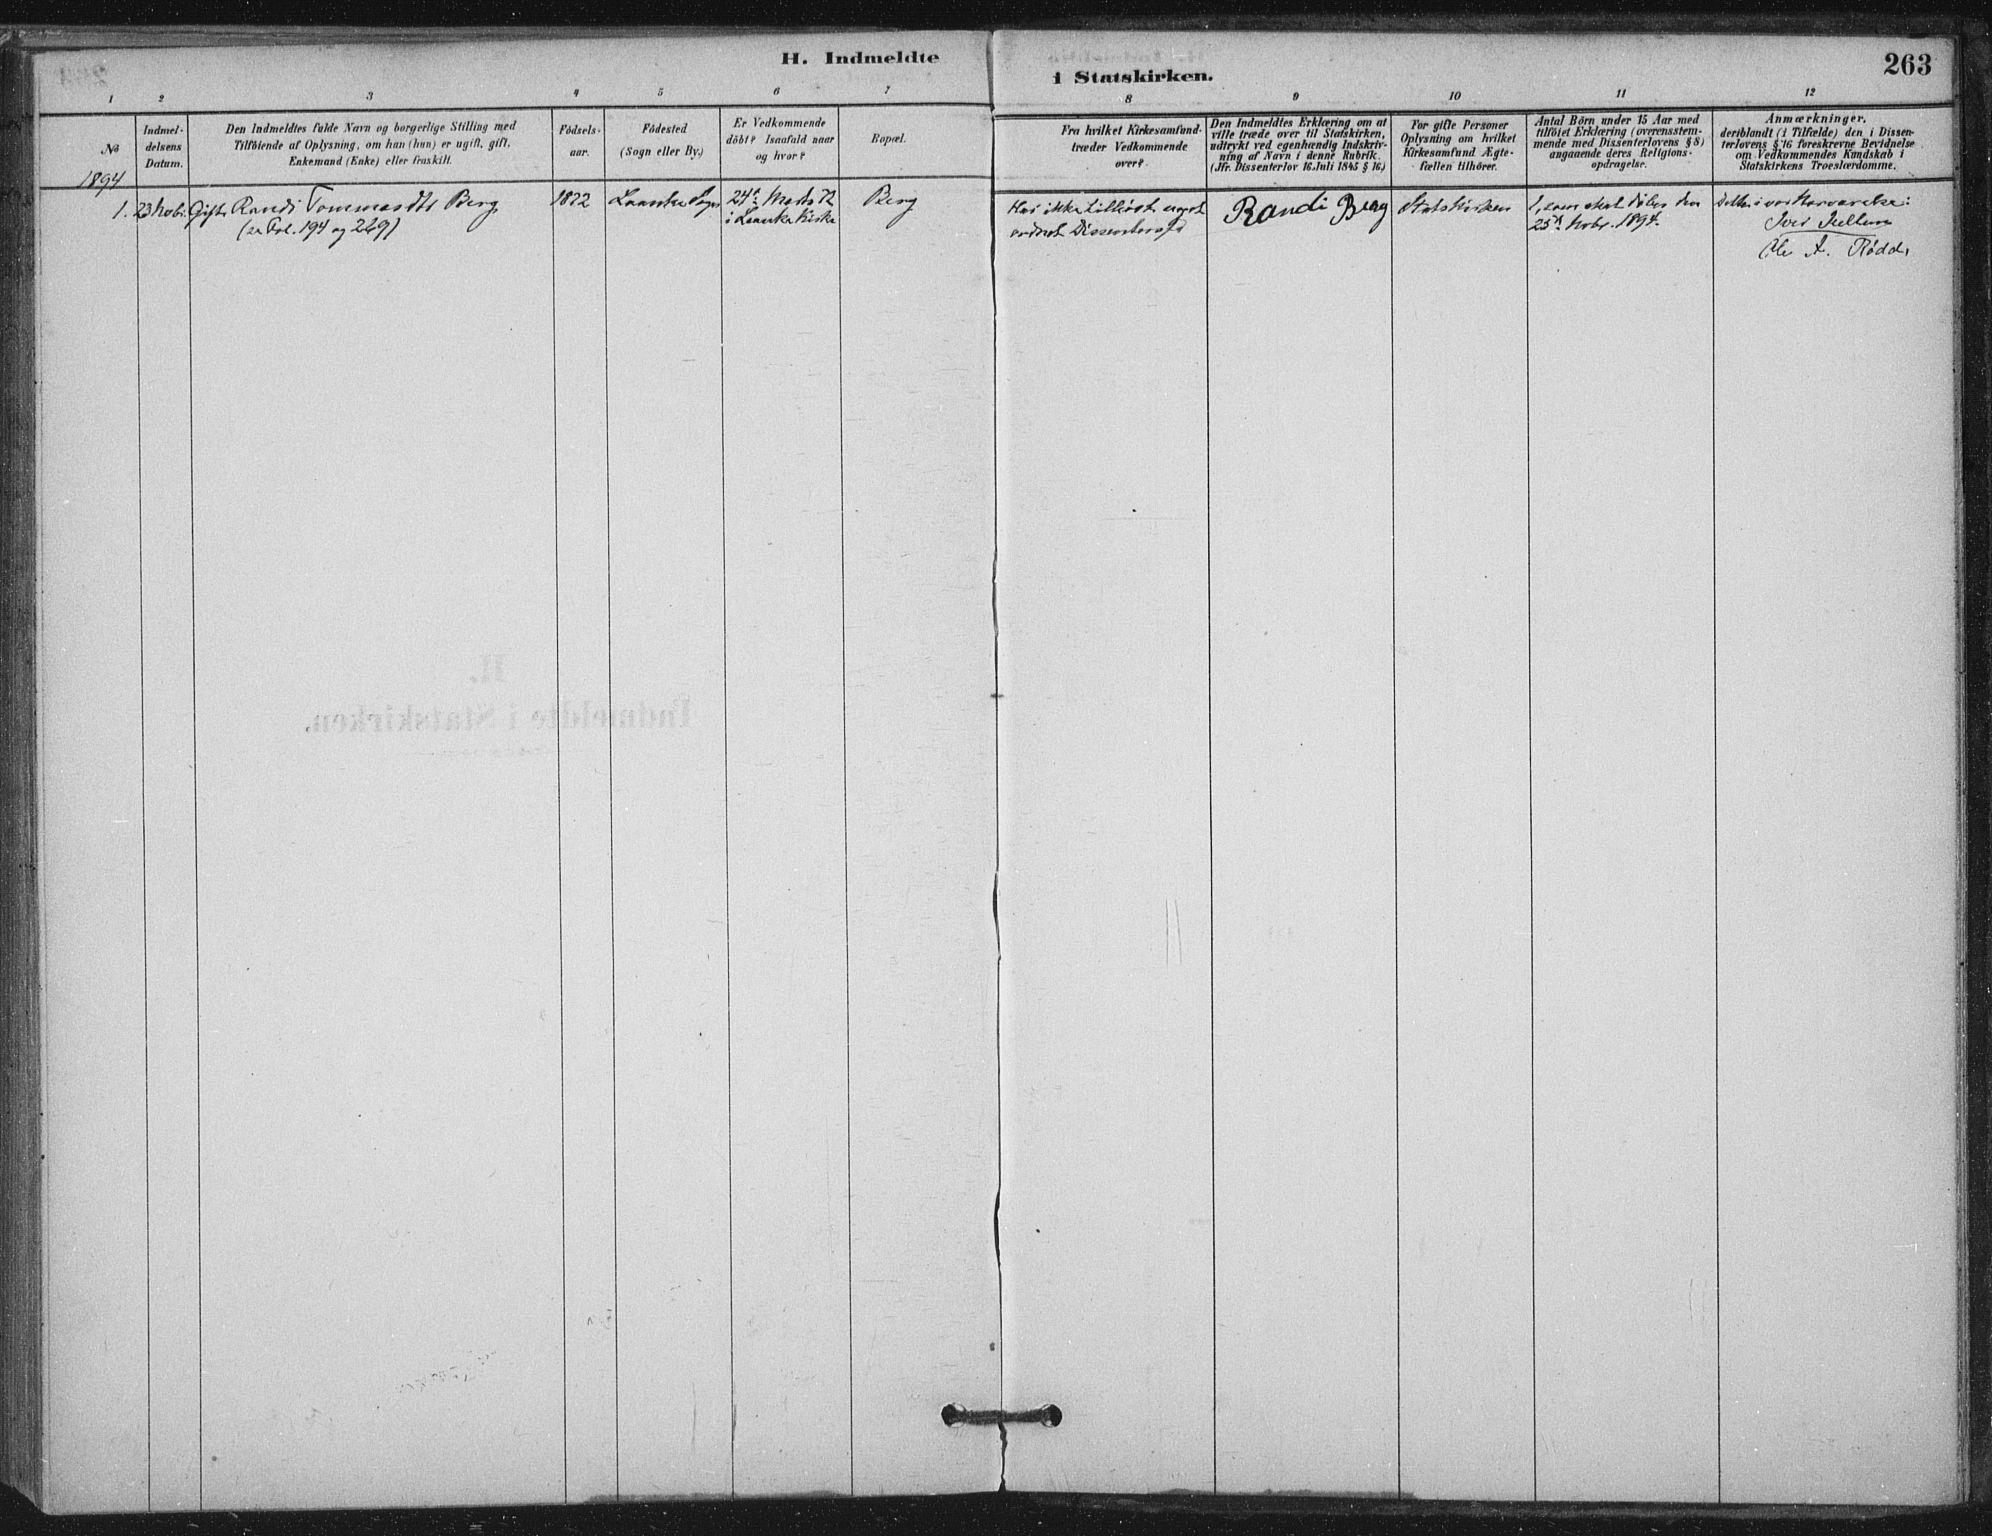 SAT, Ministerialprotokoller, klokkerbøker og fødselsregistre - Nord-Trøndelag, 710/L0095: Ministerialbok nr. 710A01, 1880-1914, s. 263